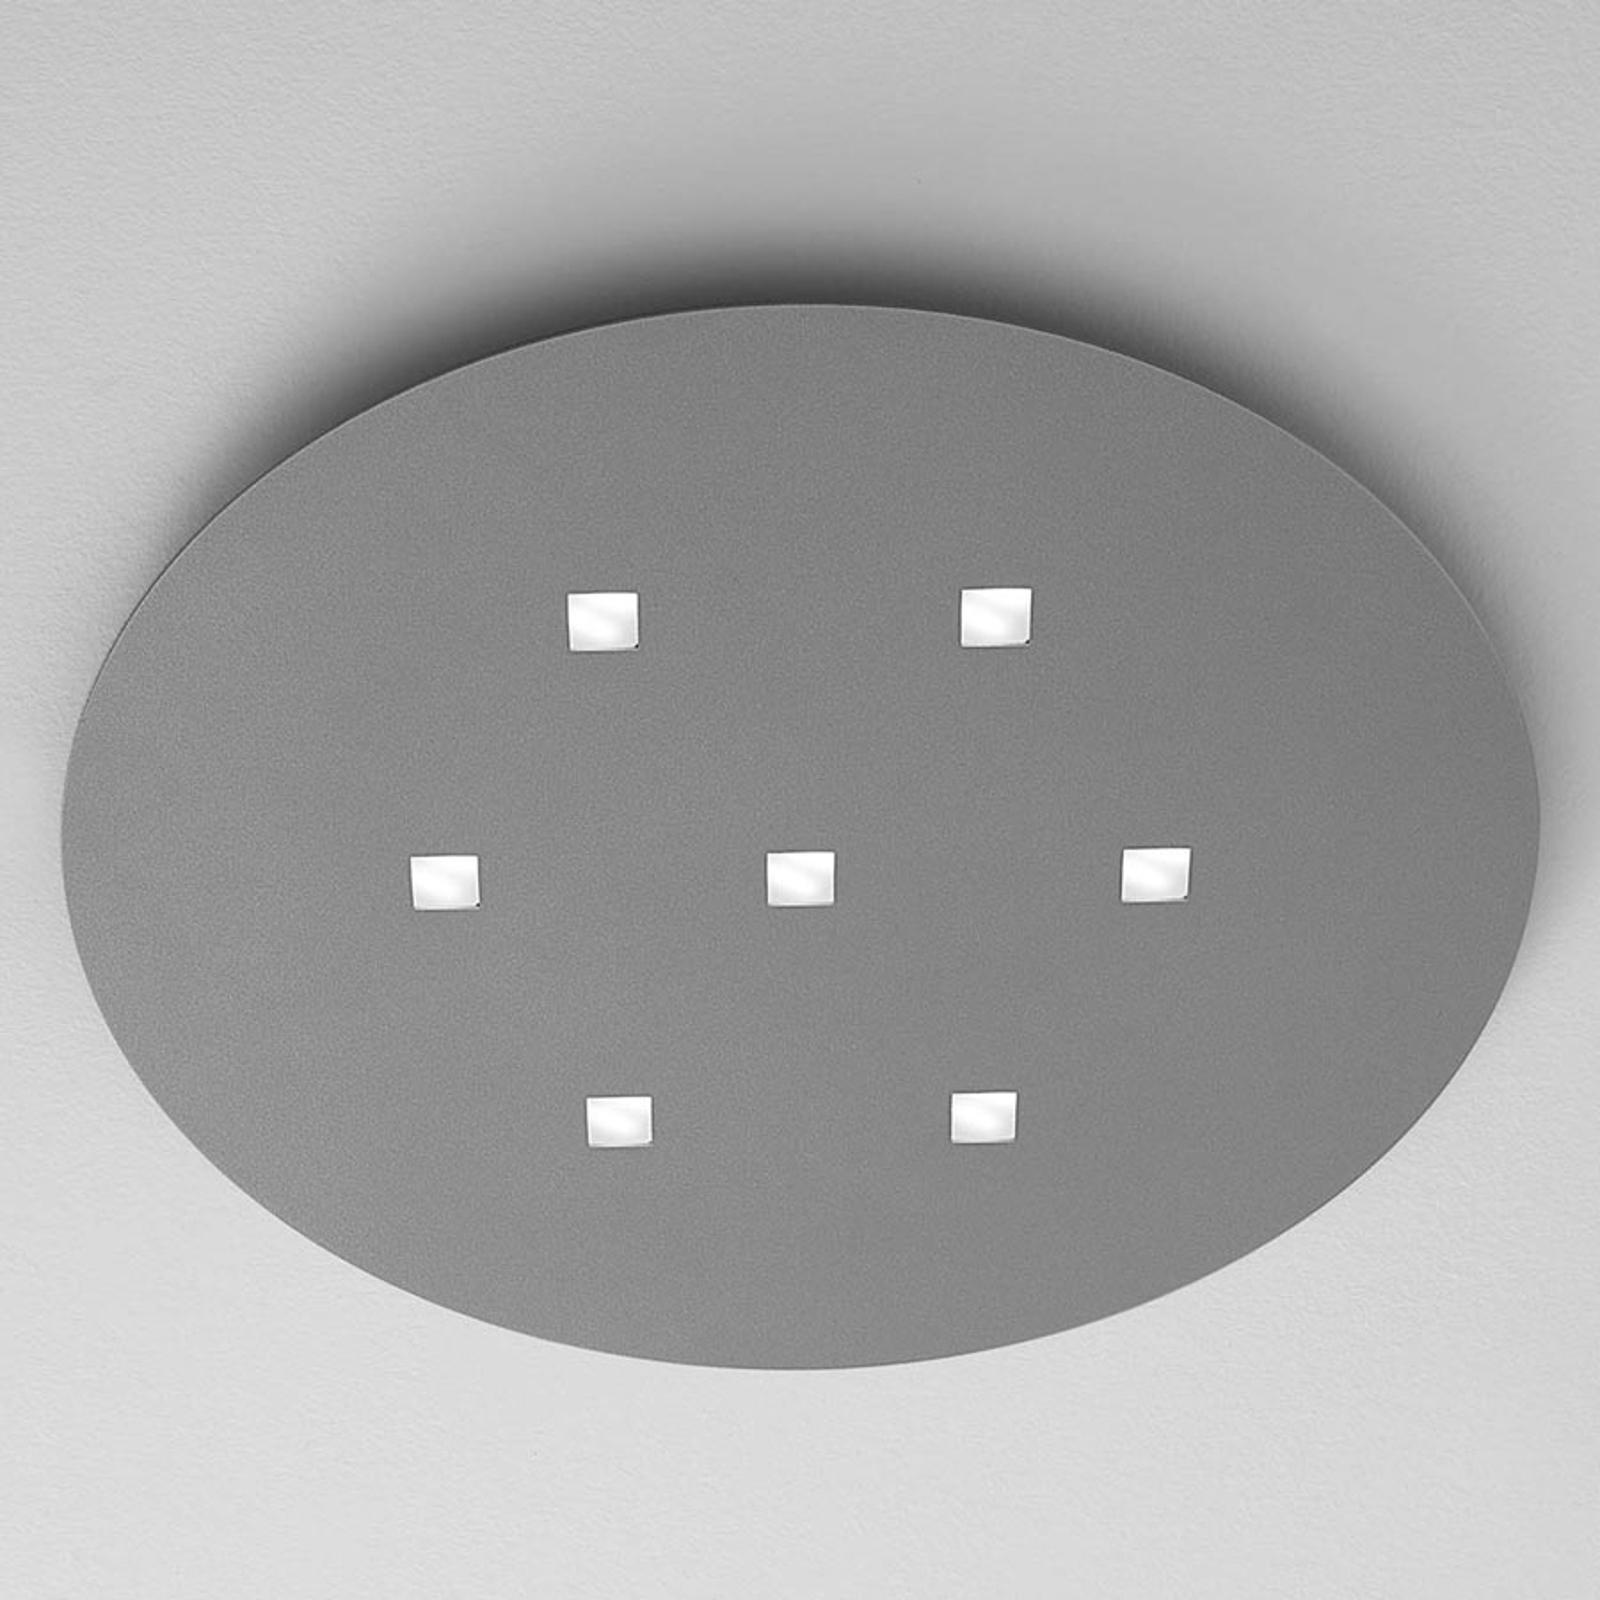 ICONE Isi -LED-kattovalaisin, ovaalinmuotoinen